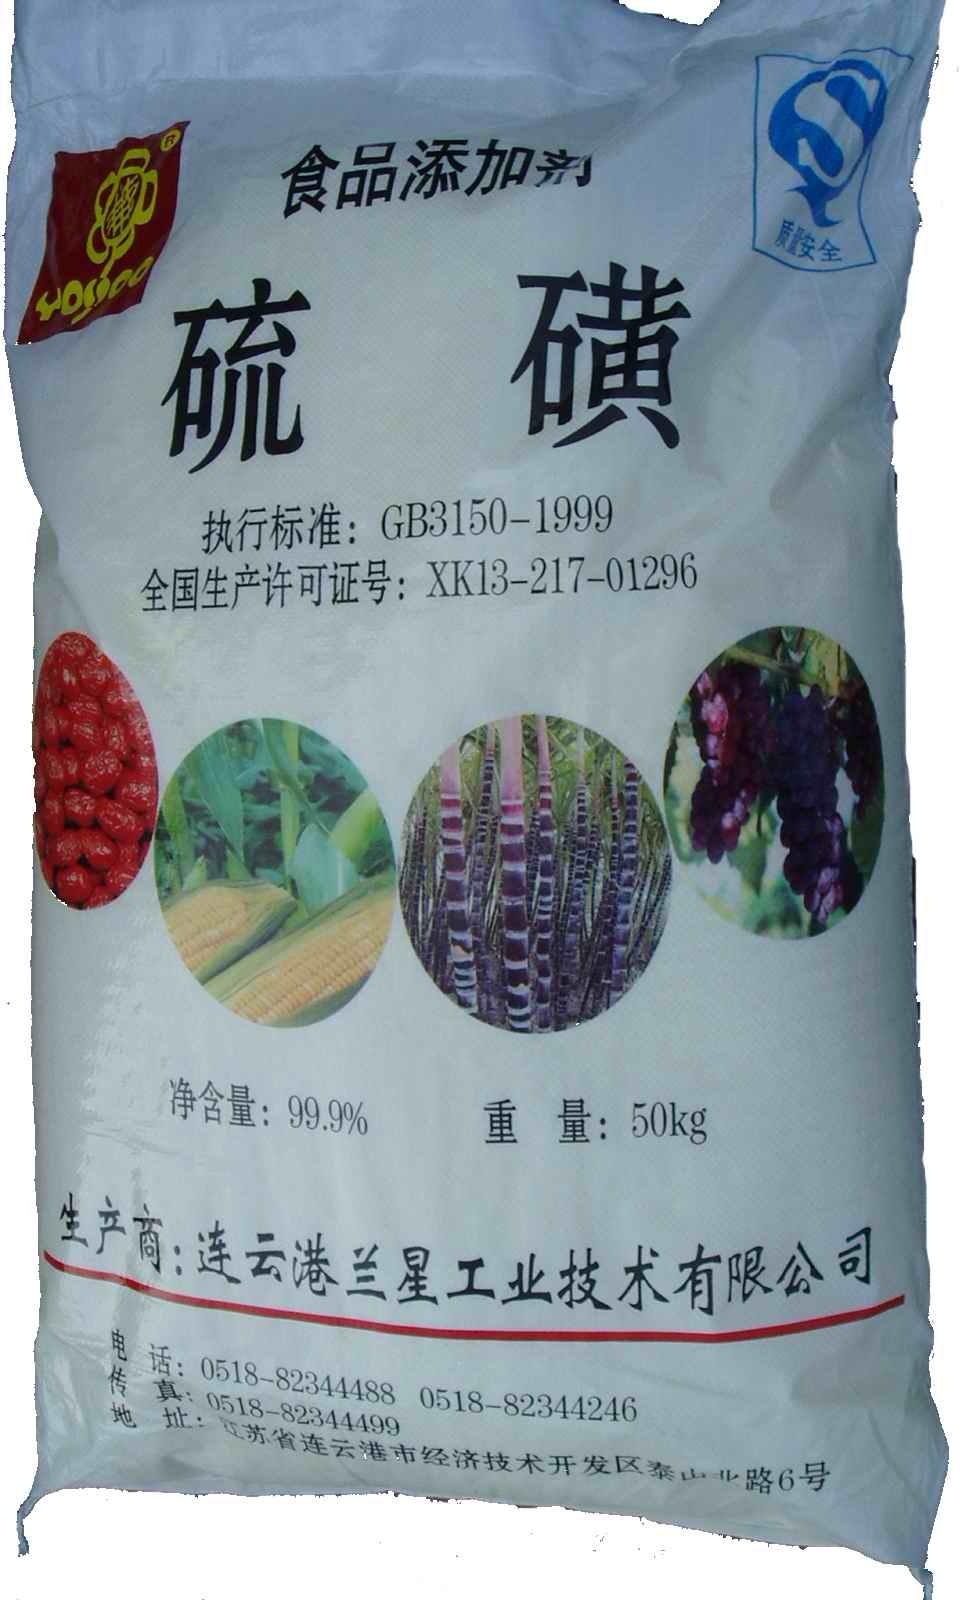 目前,各产糖国家用甘蔗v国家白砂糖,窍门的包饭粗糖紫菜图片